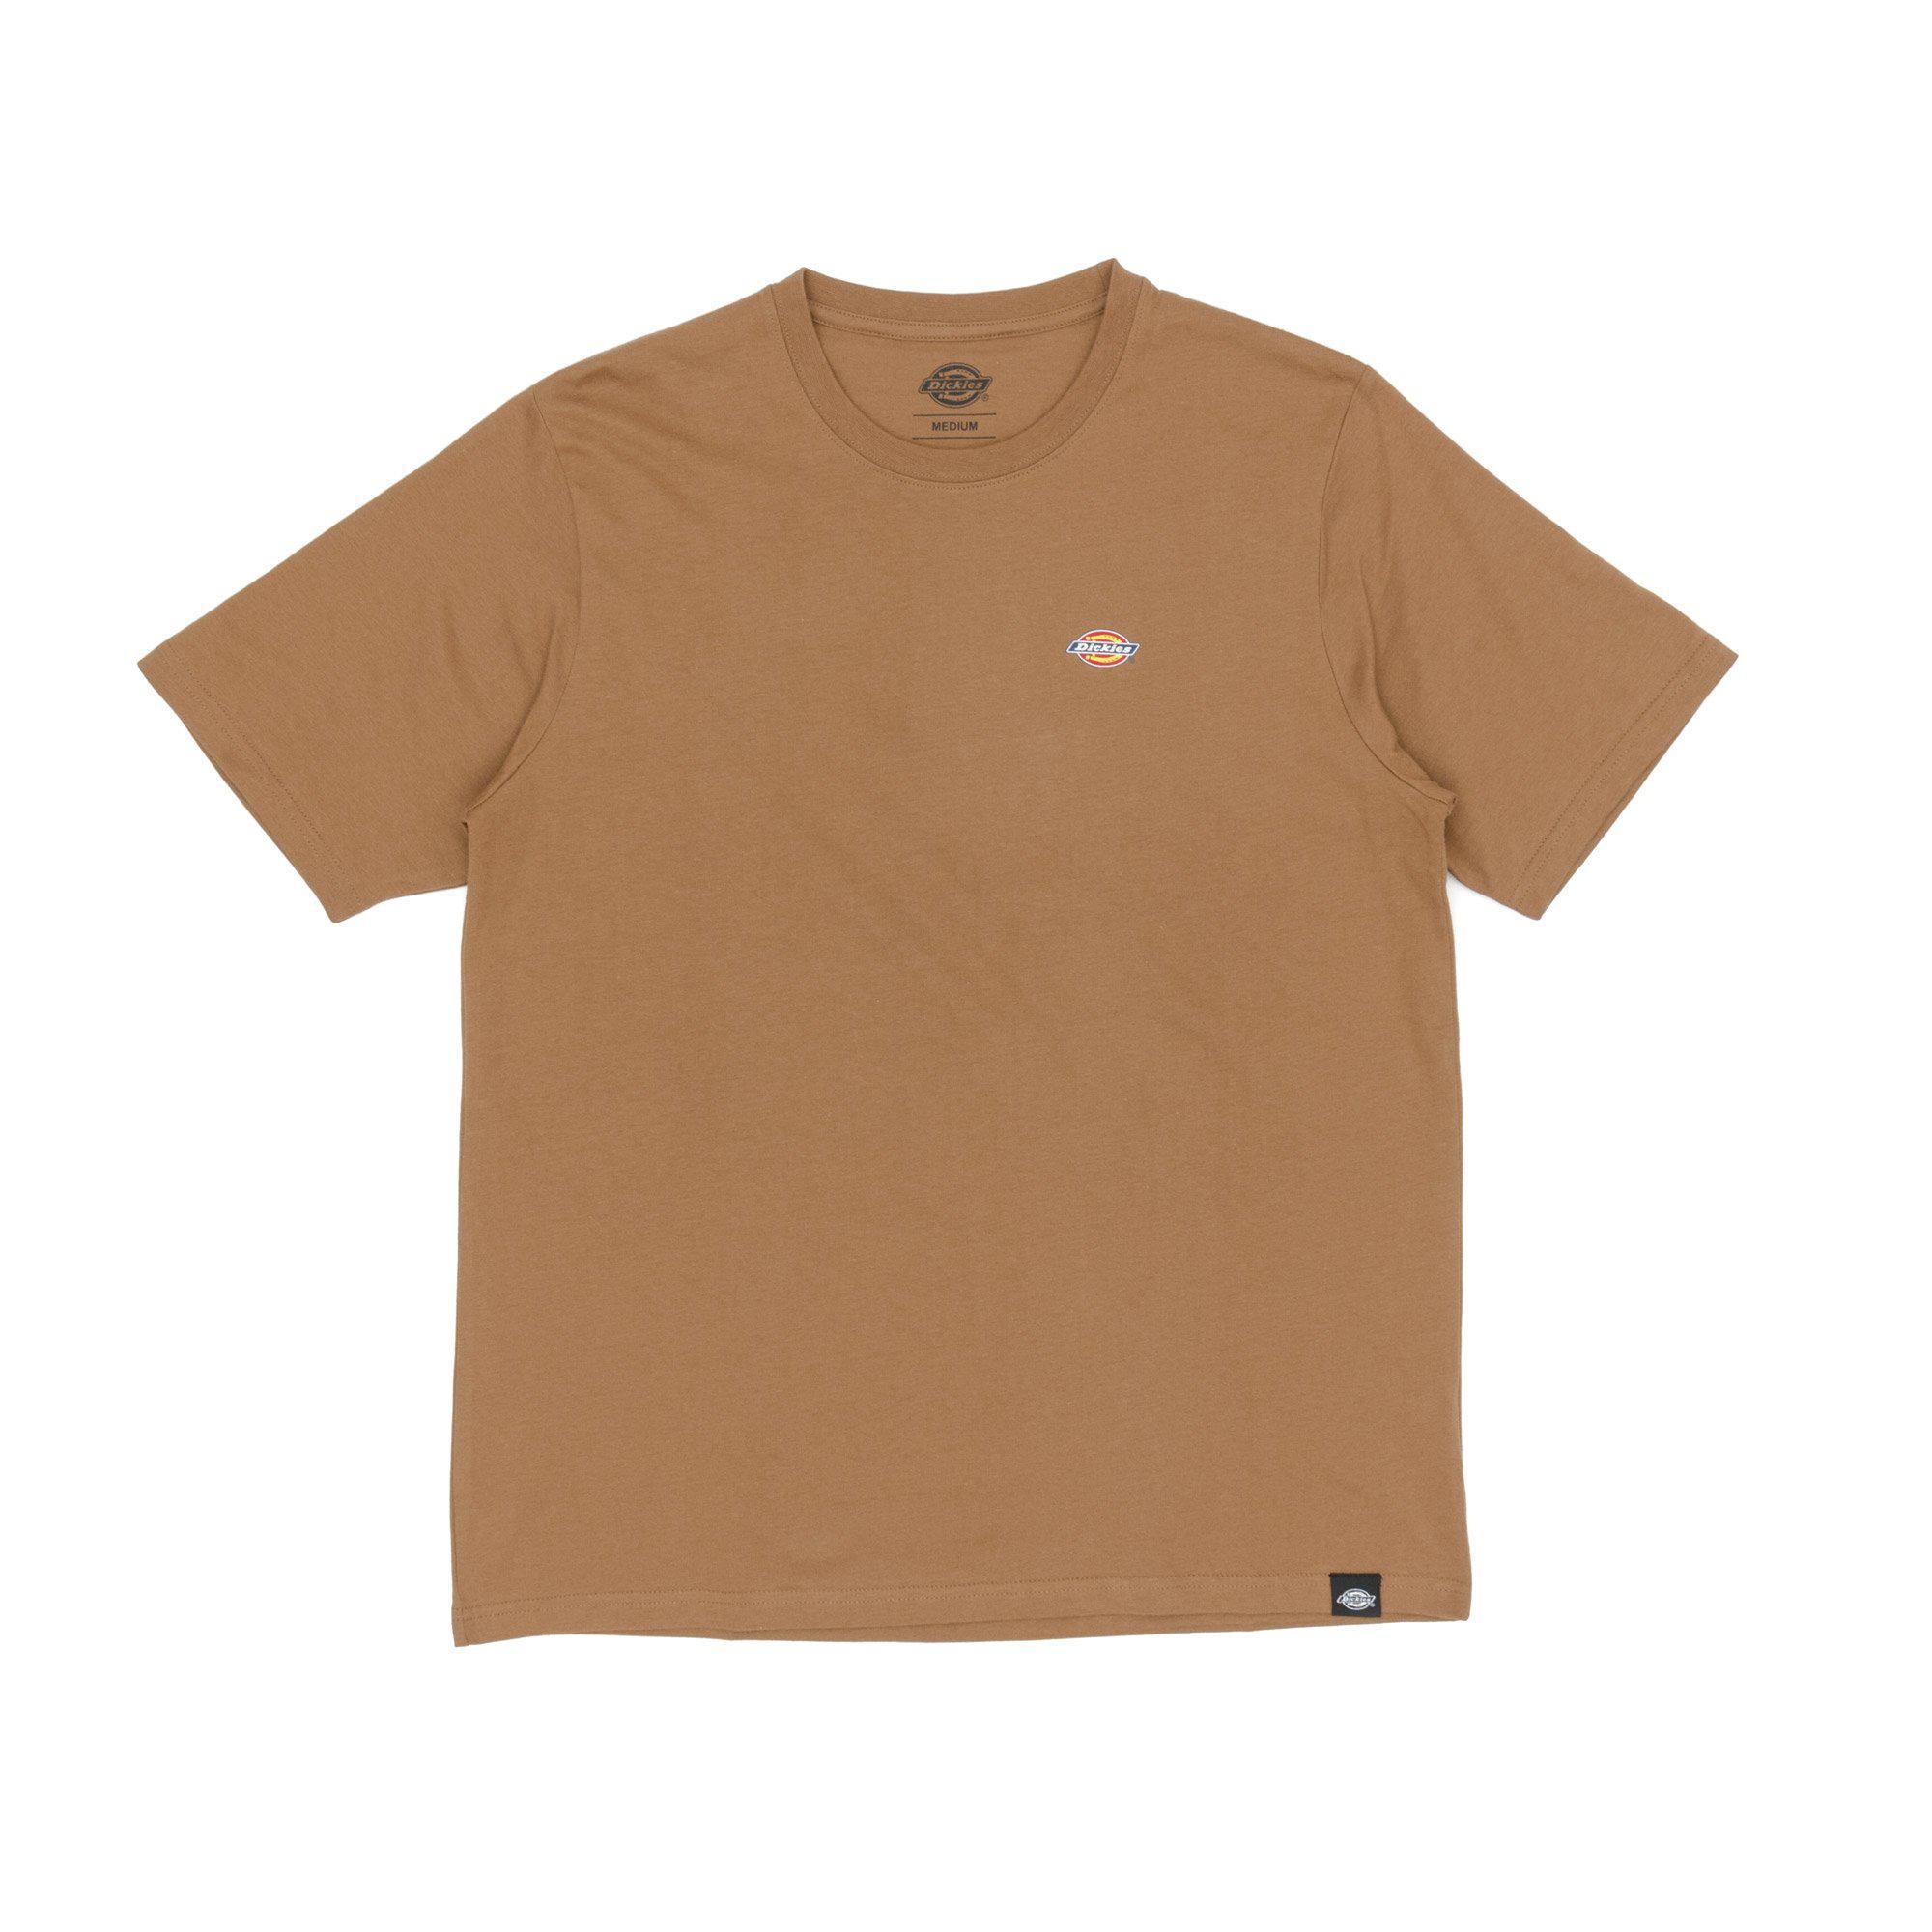 8a2b6acb1c Dickies - Brown Stockdale T-shirt for Men - Lyst. View fullscreen